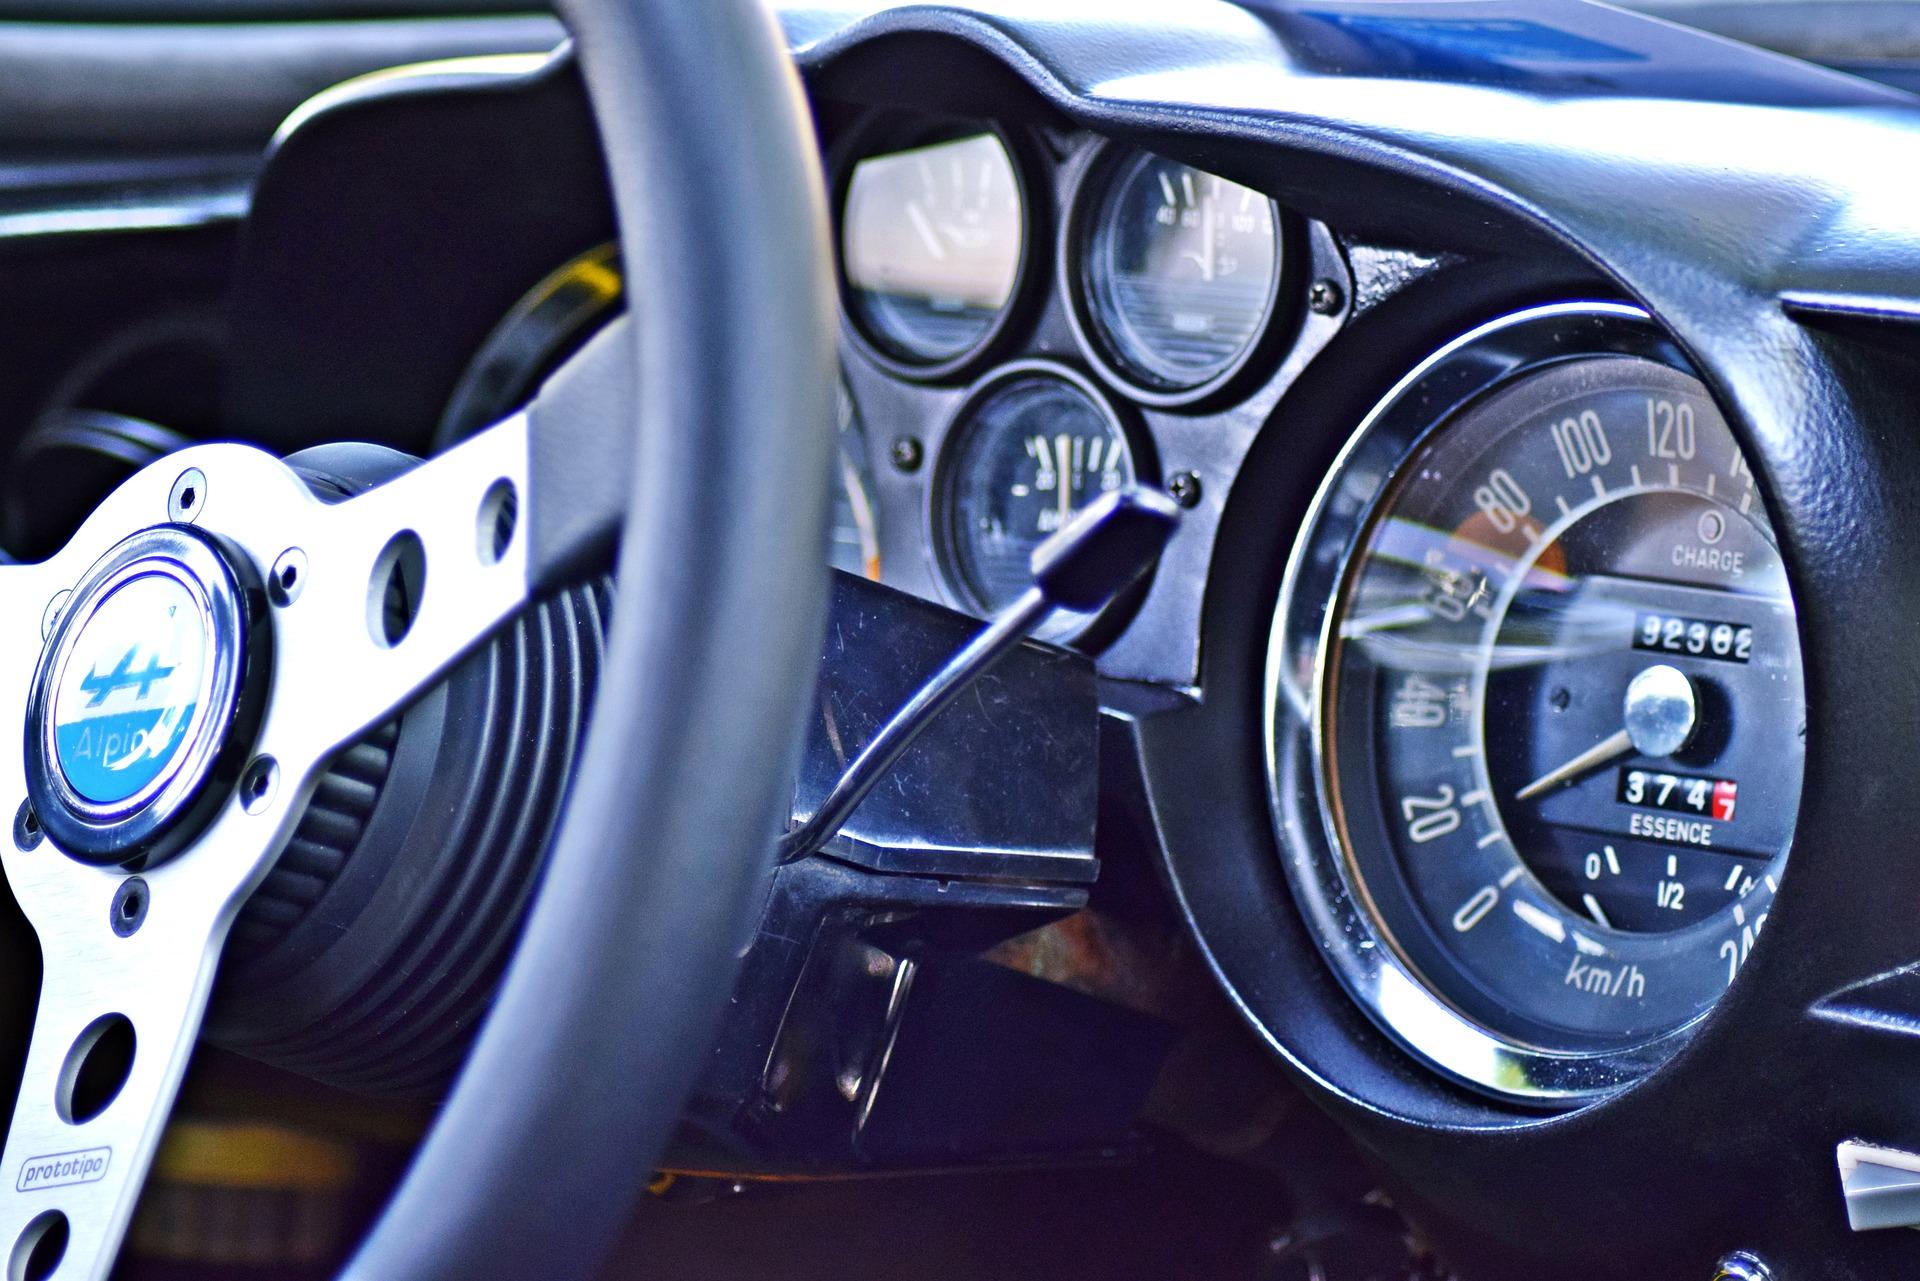 Les Voitures Alpine de chez Renault - Prix et Caractéristiques